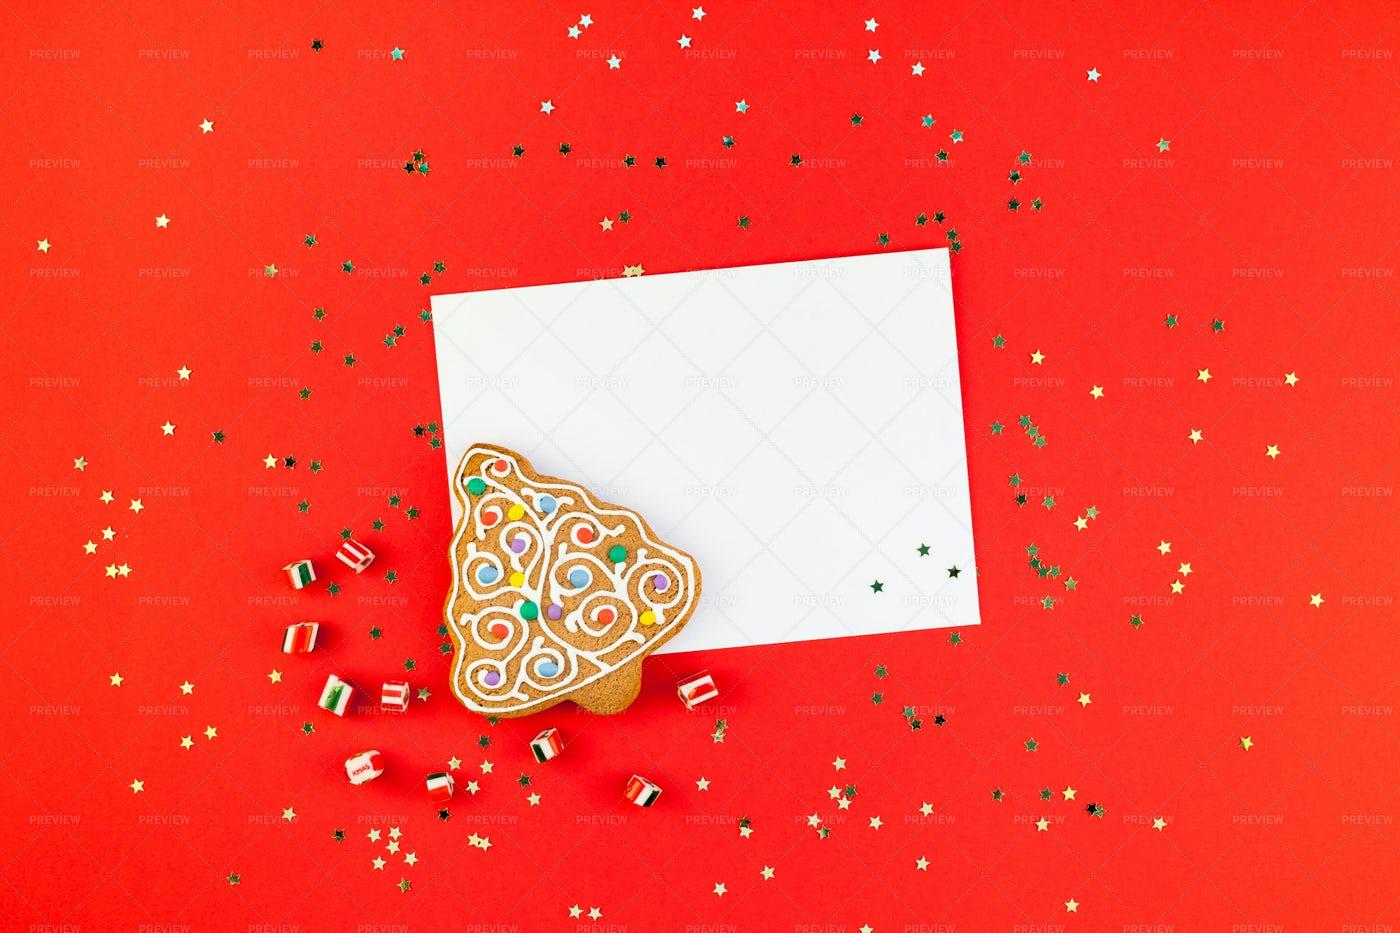 Christmas Greeting Postcard Mockup: Stock Photos